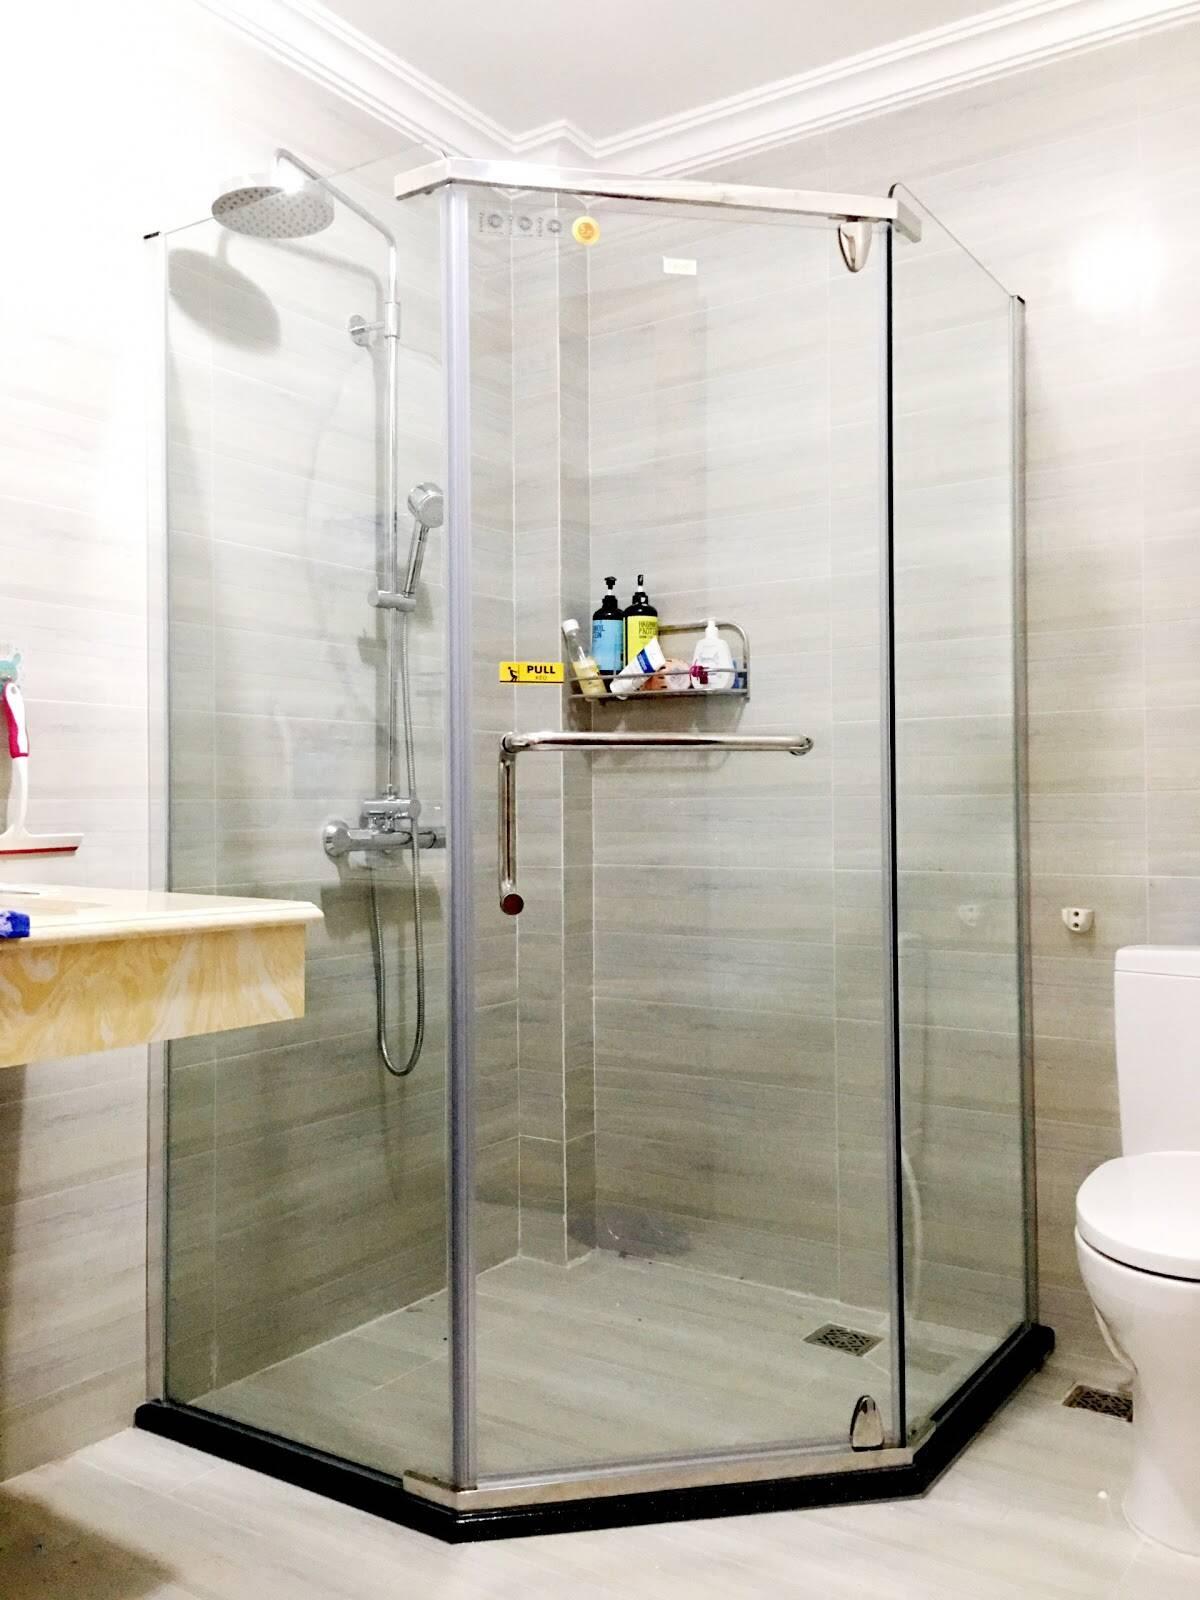 Nên chọn độ dày kính cường lực phù hợp để áp dụng vào lắp đặt phòng tắm kính cho nhà ở dân dụng